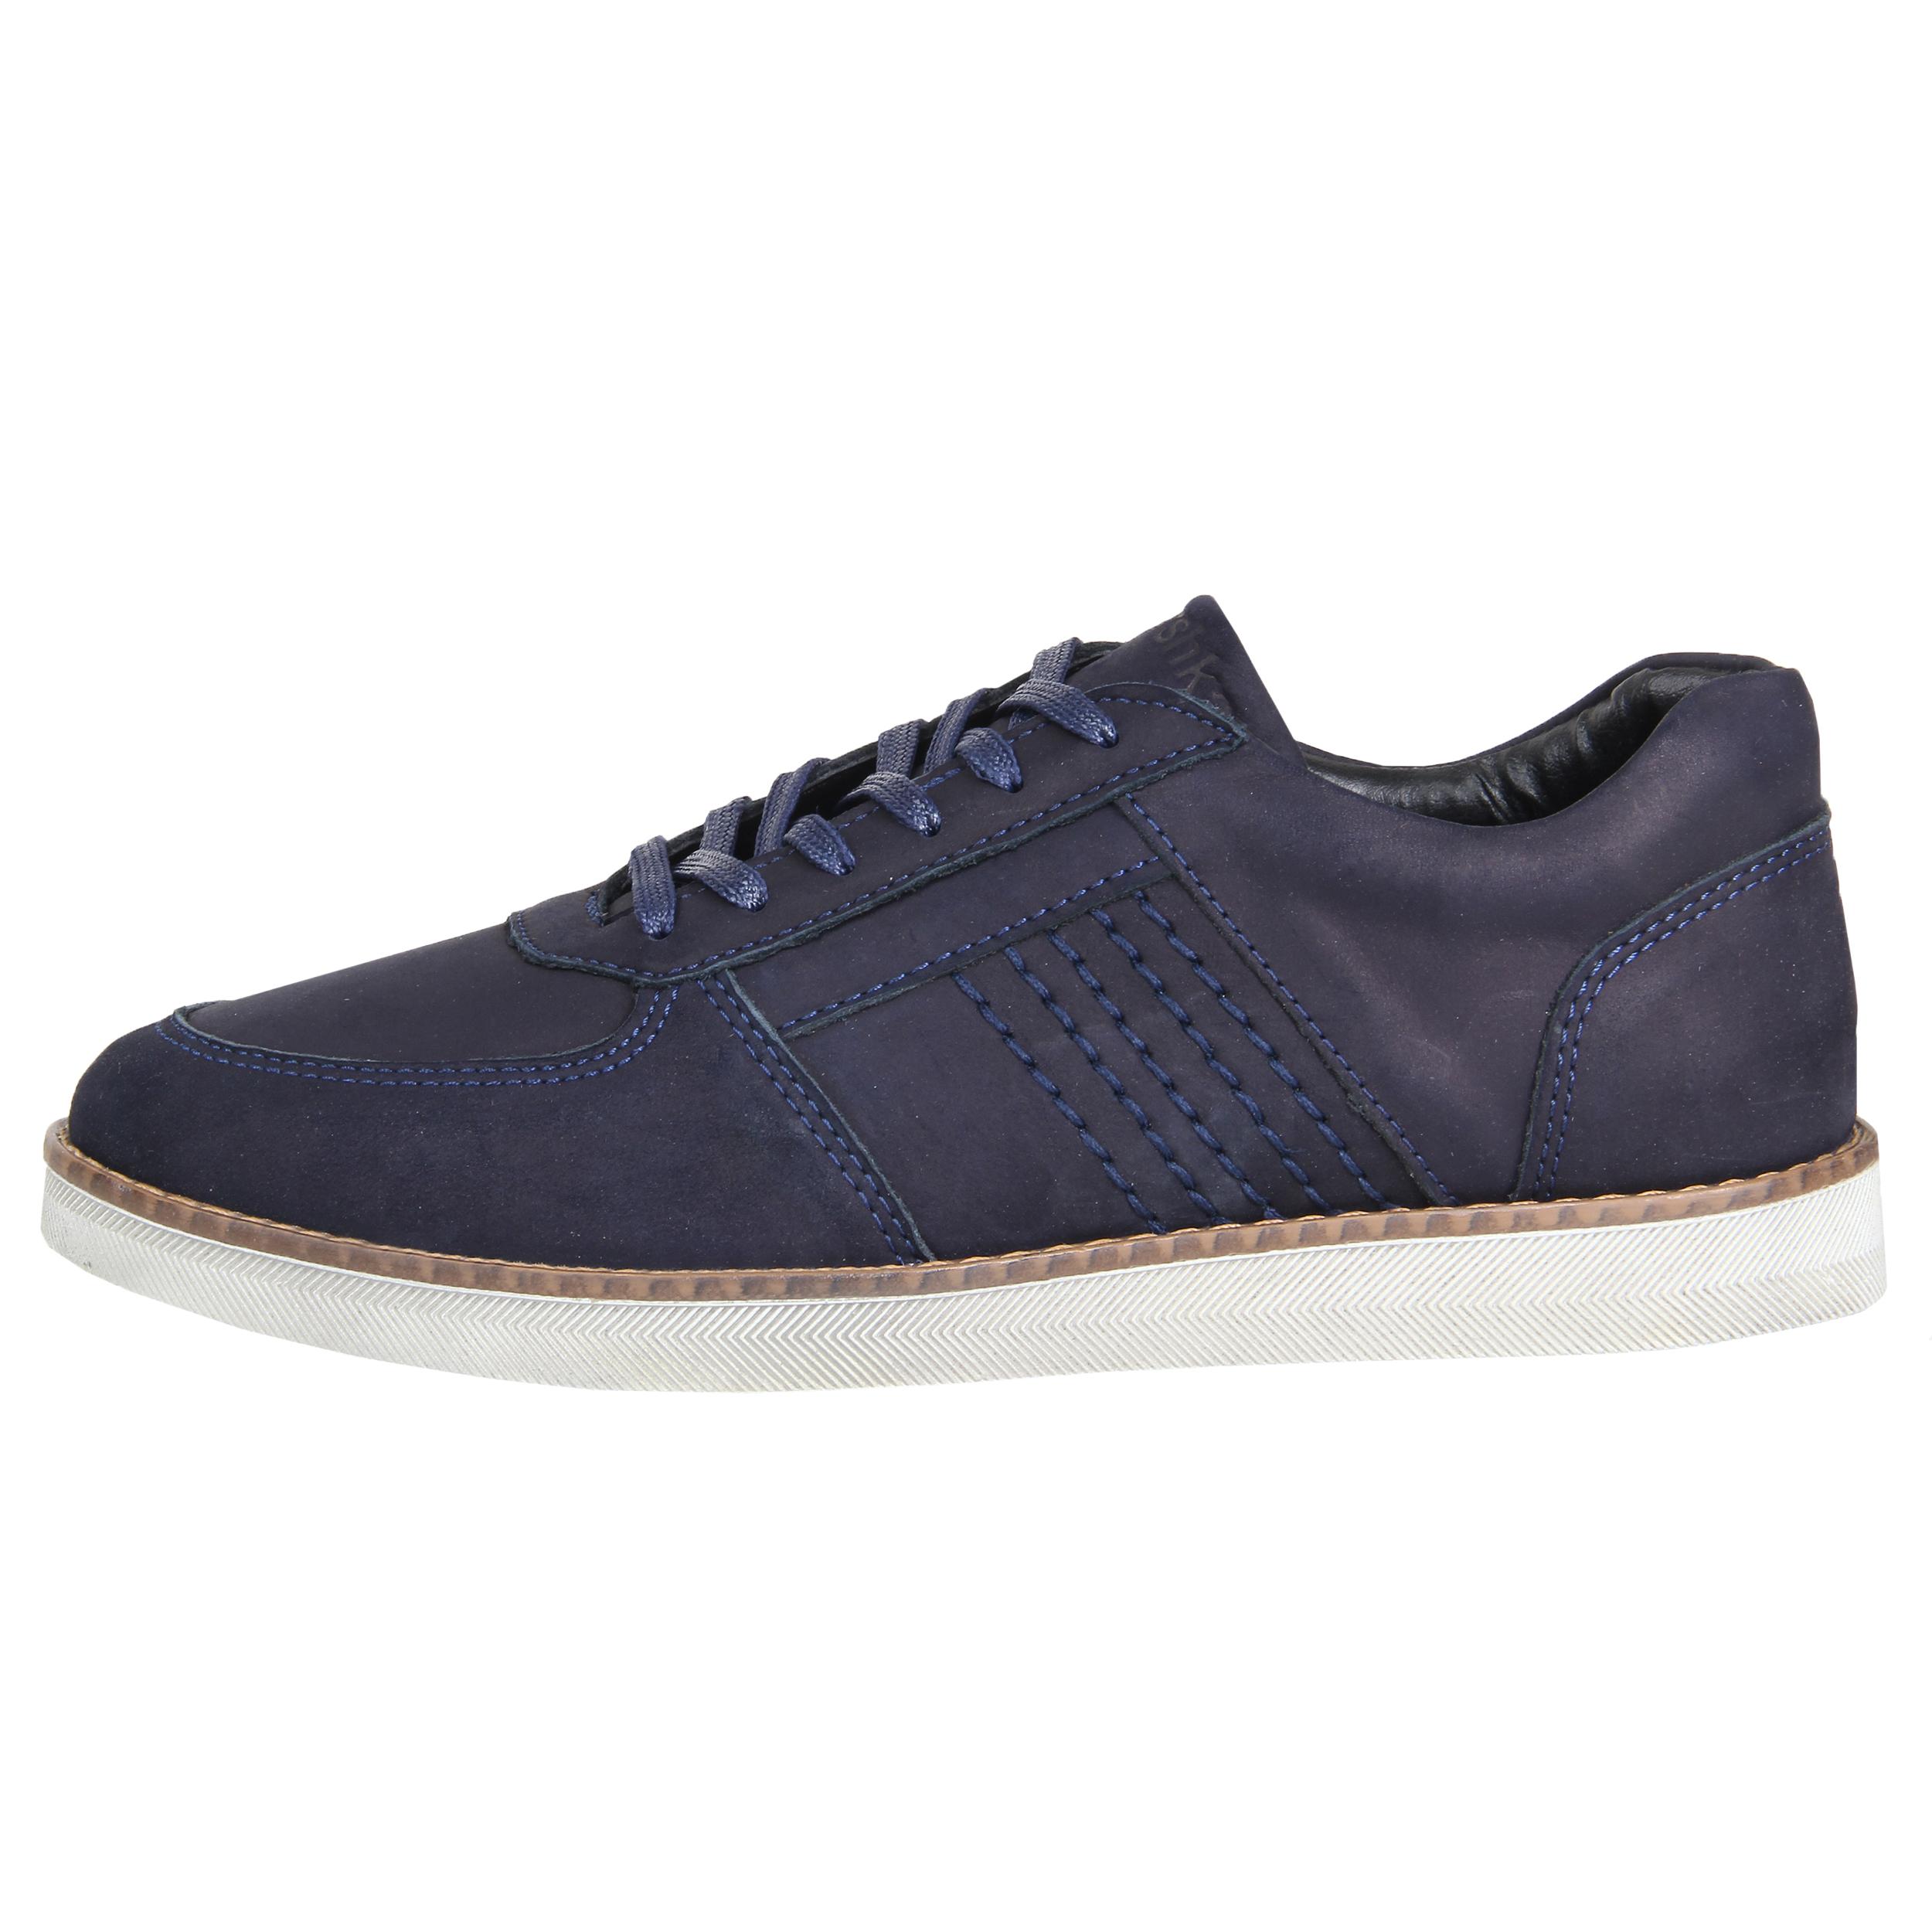 قیمت کفش راحتی مردانه  کد 13-39095